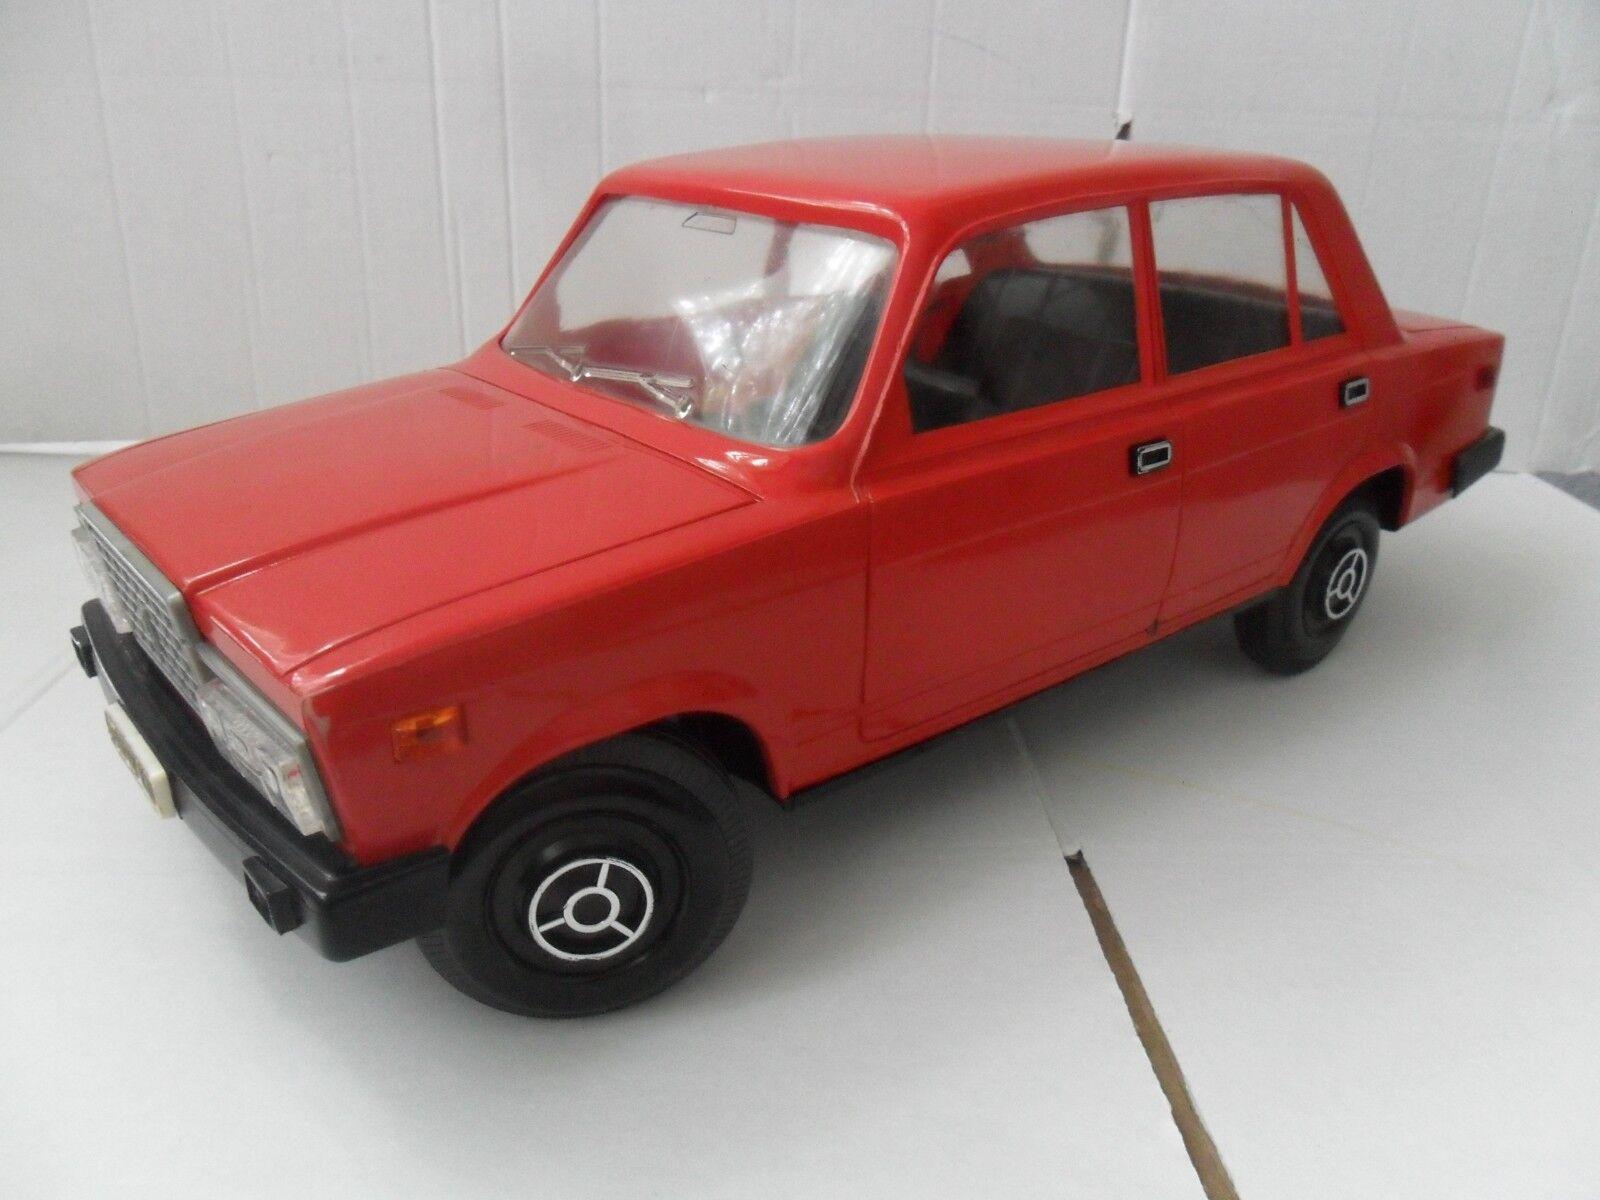 Vintage - sowjetischen udssr spielzeug - auto vaz lada 2107 im maßstab 1  8 jiguli selten.